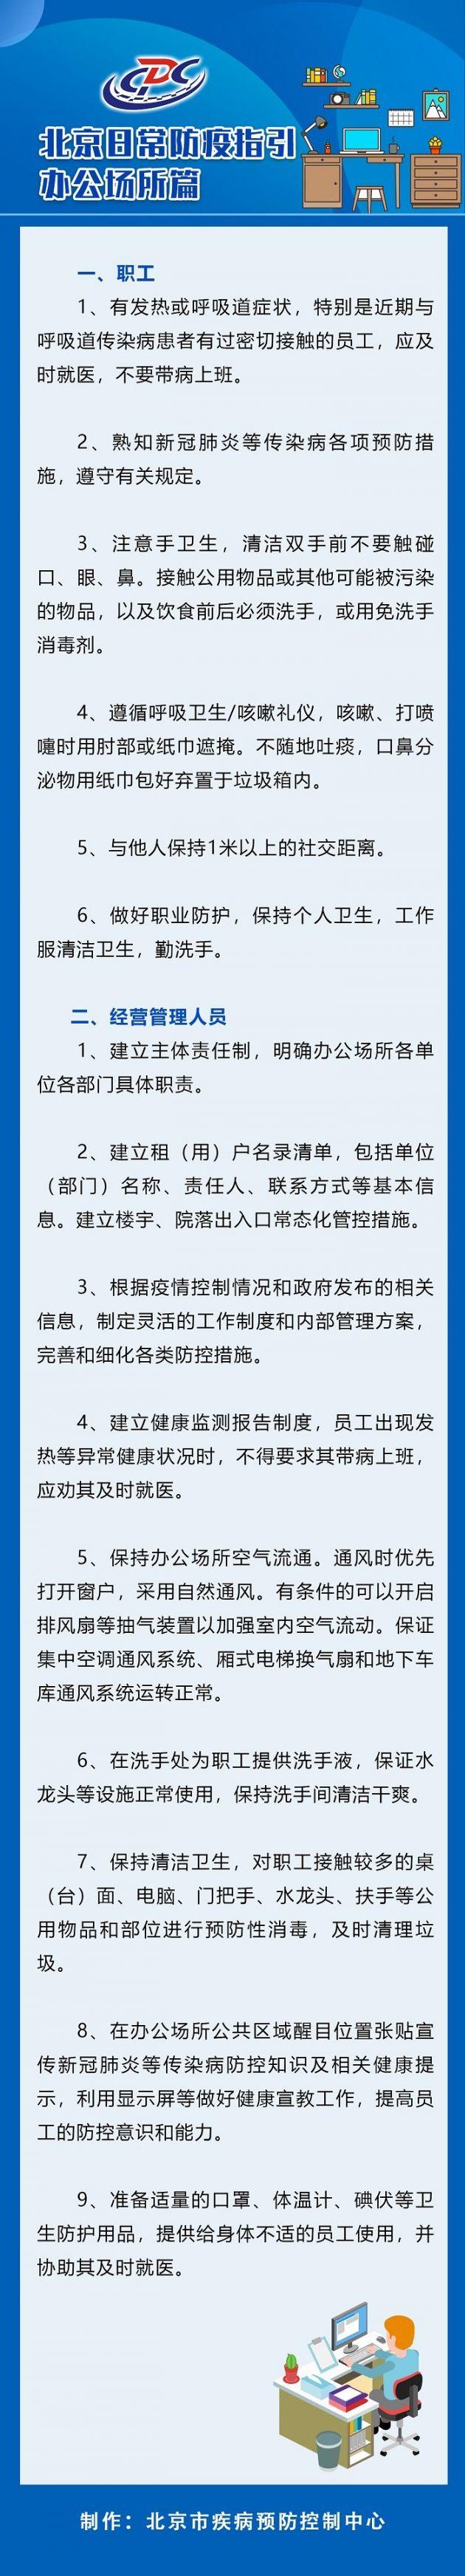 北京日常防疫指引——办公场所篇